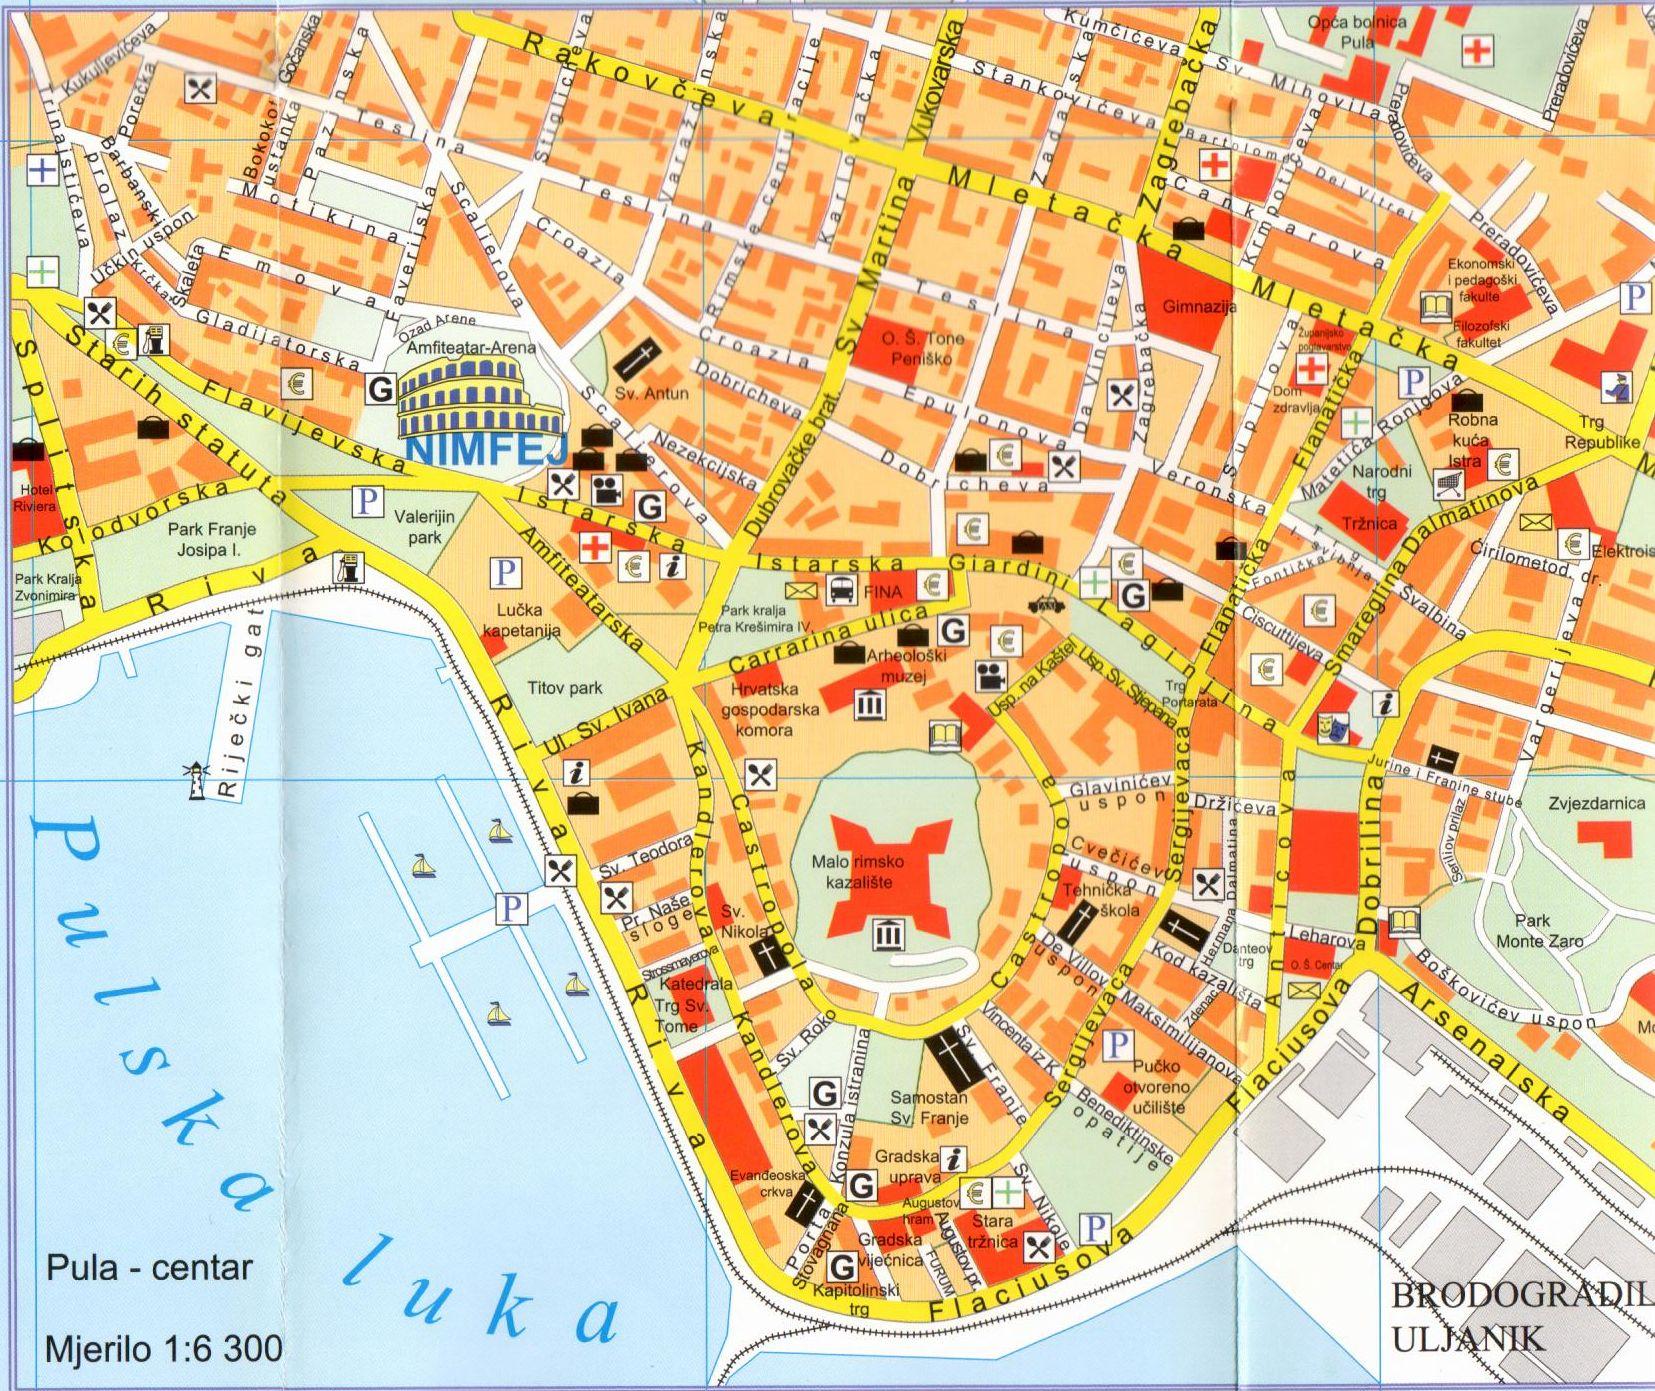 Pula térkép mintakivágat